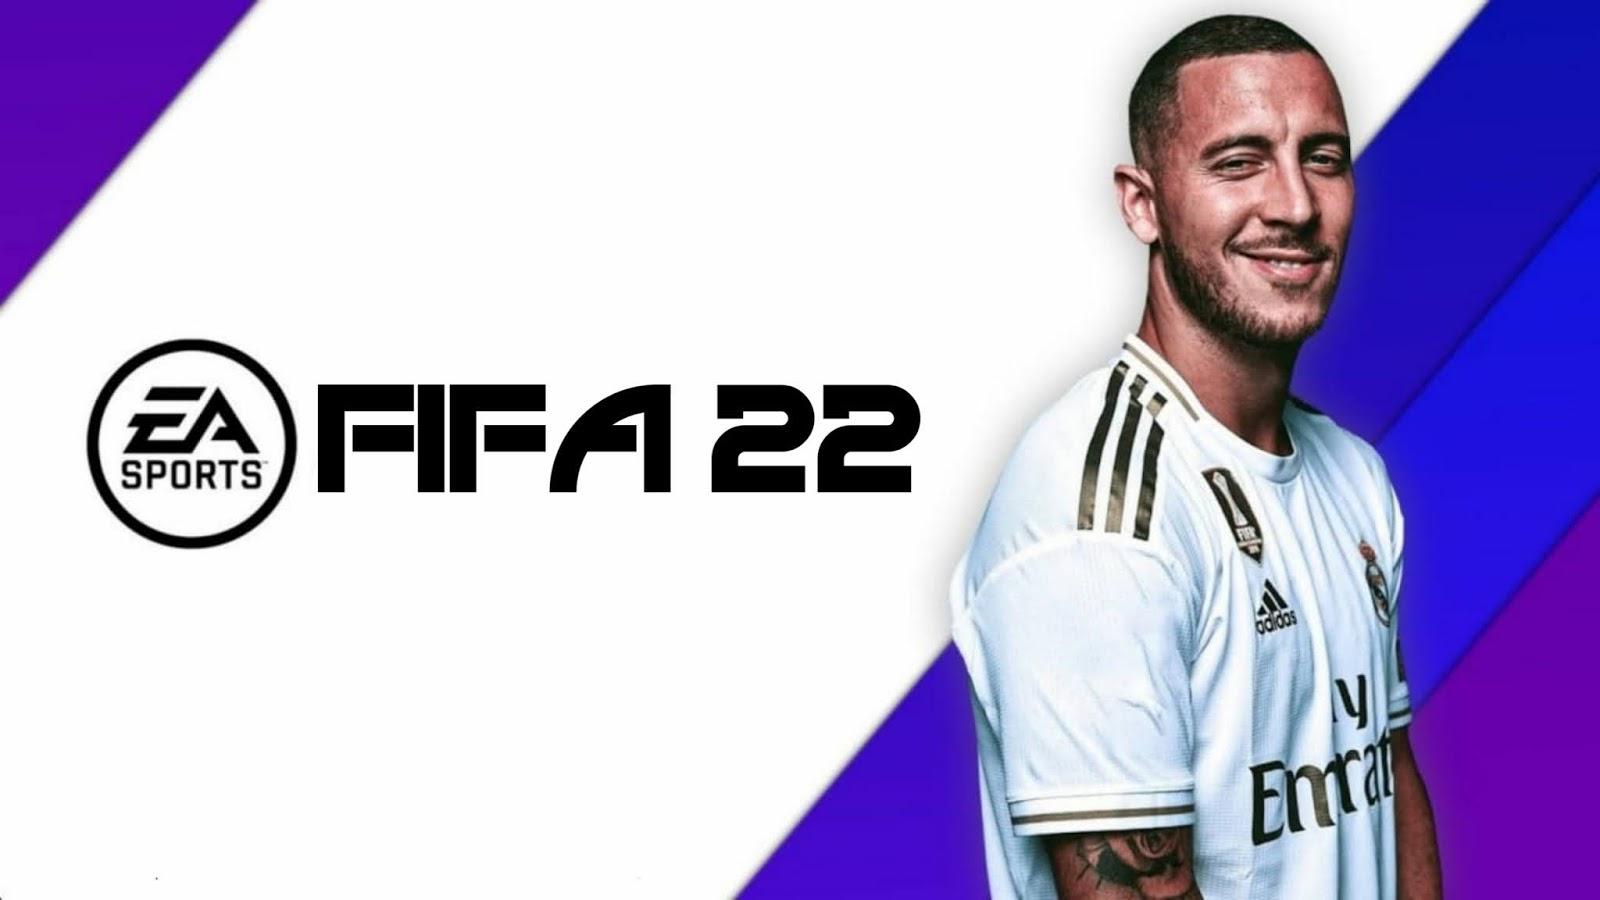 تحميل لعبة FIFA 2022 فيفا للاندرويد [ بدون انترنت ]